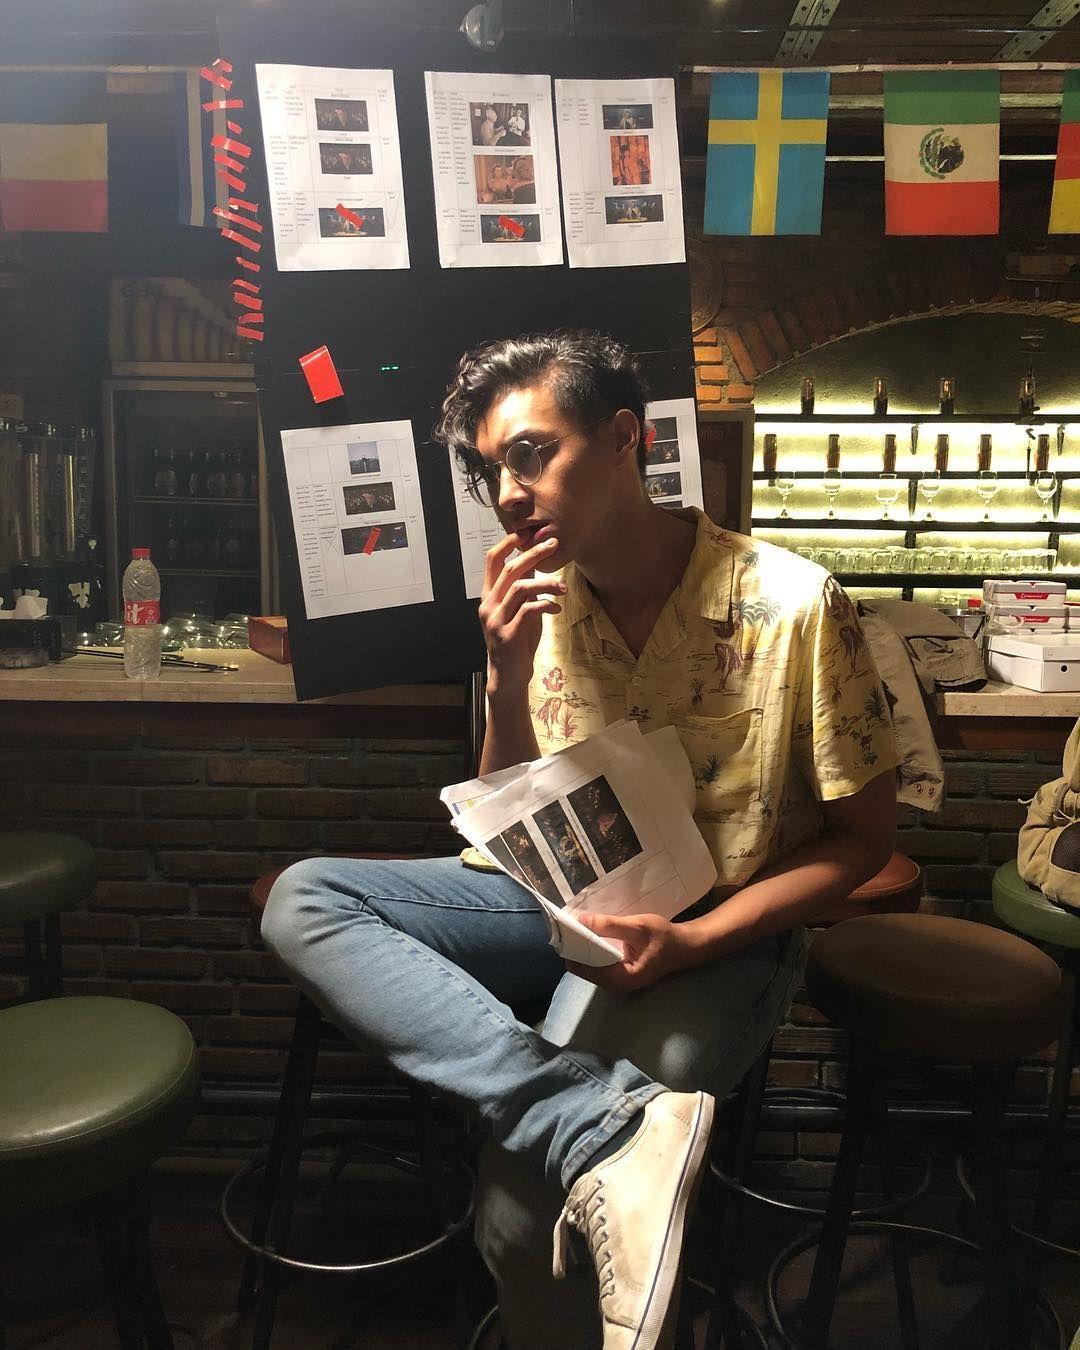 Begini Curhat Ardhito Pramono tentang Anak-Anak Muda Jakarta